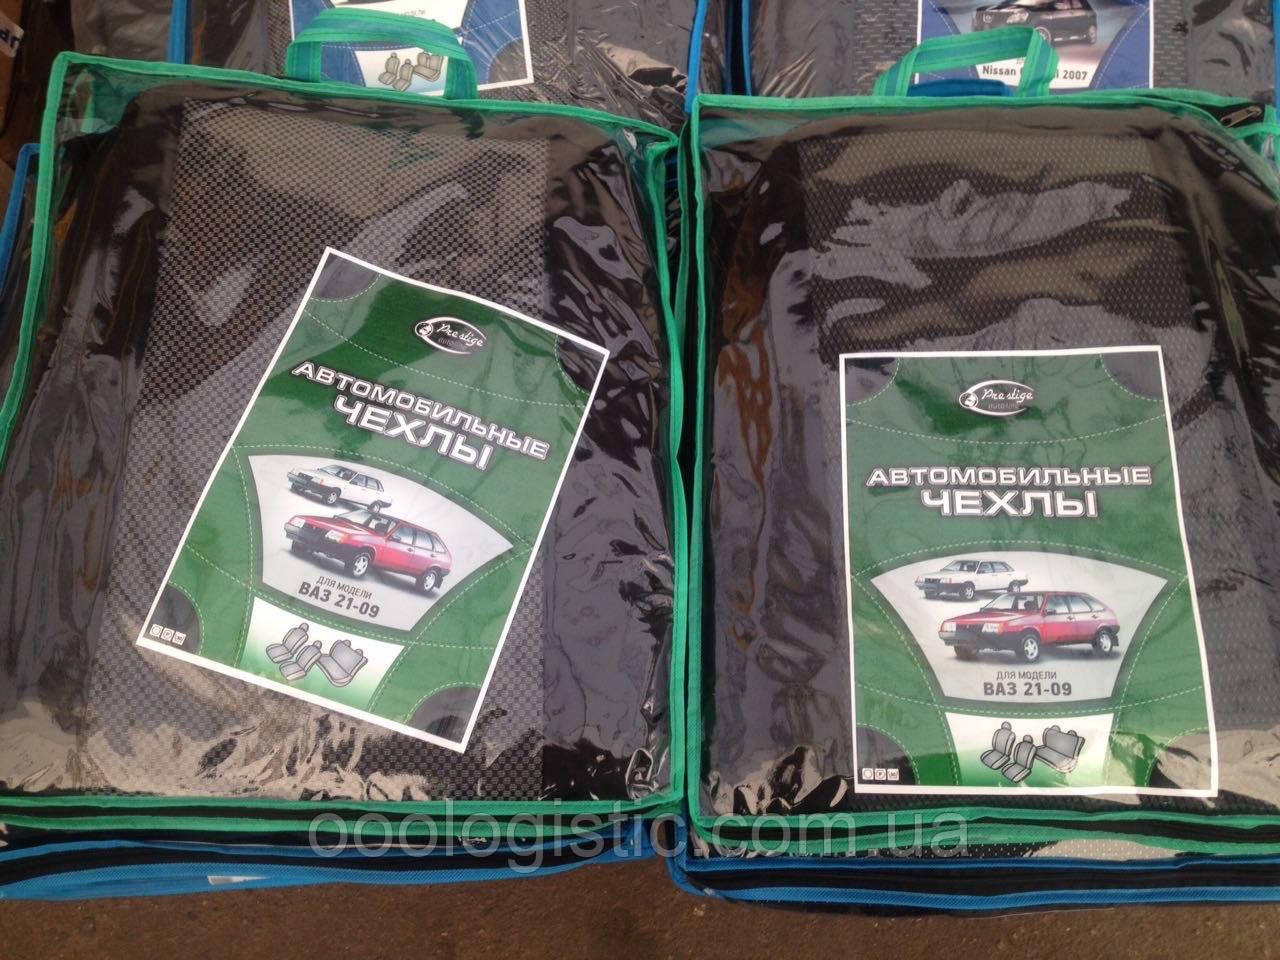 Авточехлы Prestige на ВАЗ 2109 модельный комплект